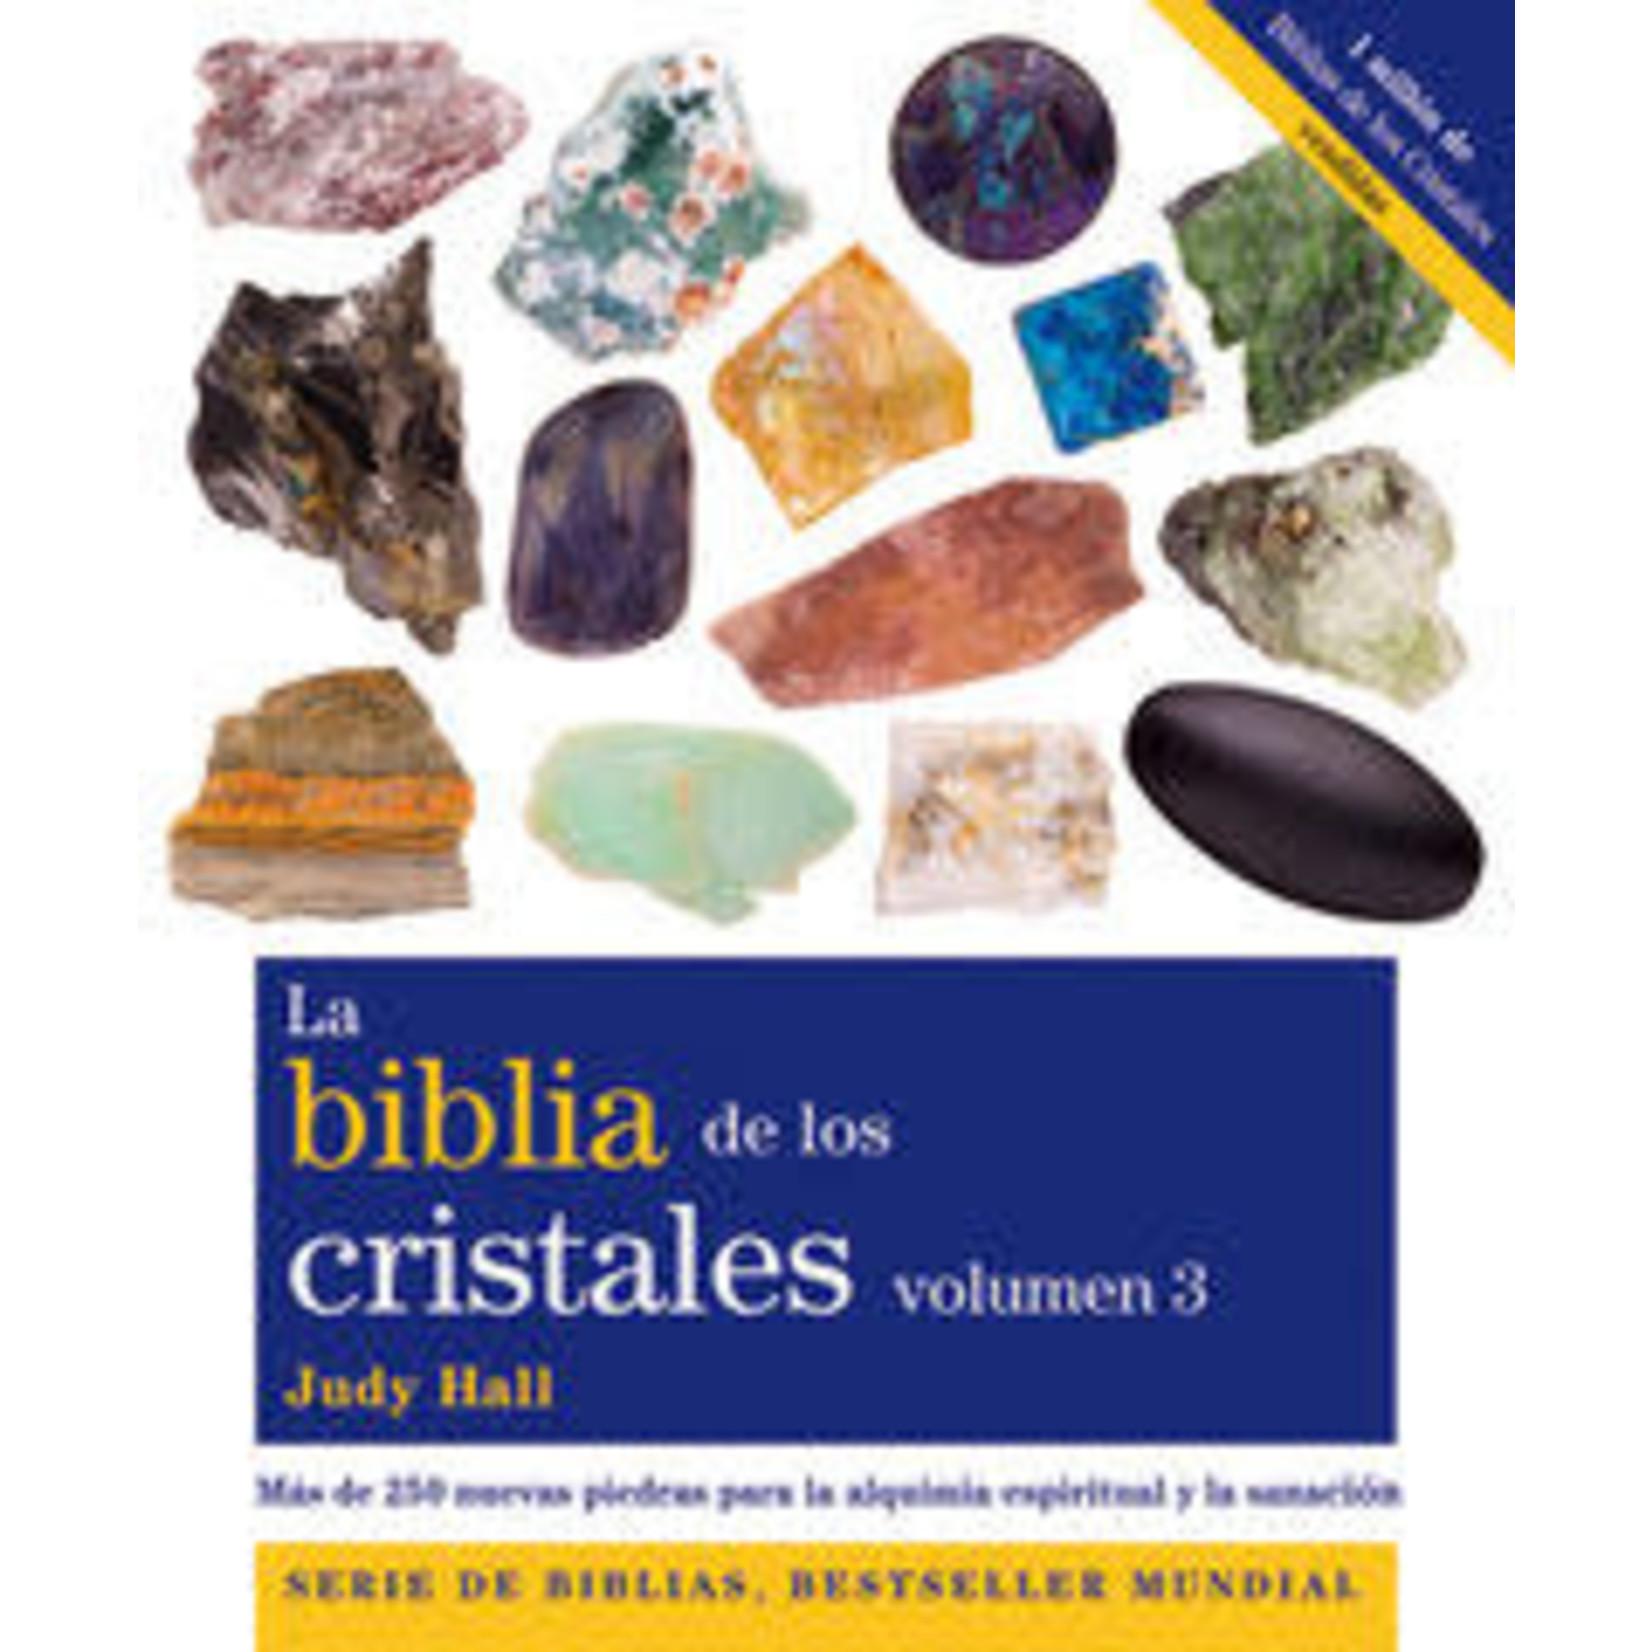 BIBLIA DE LOS CRISTALES VOL.III